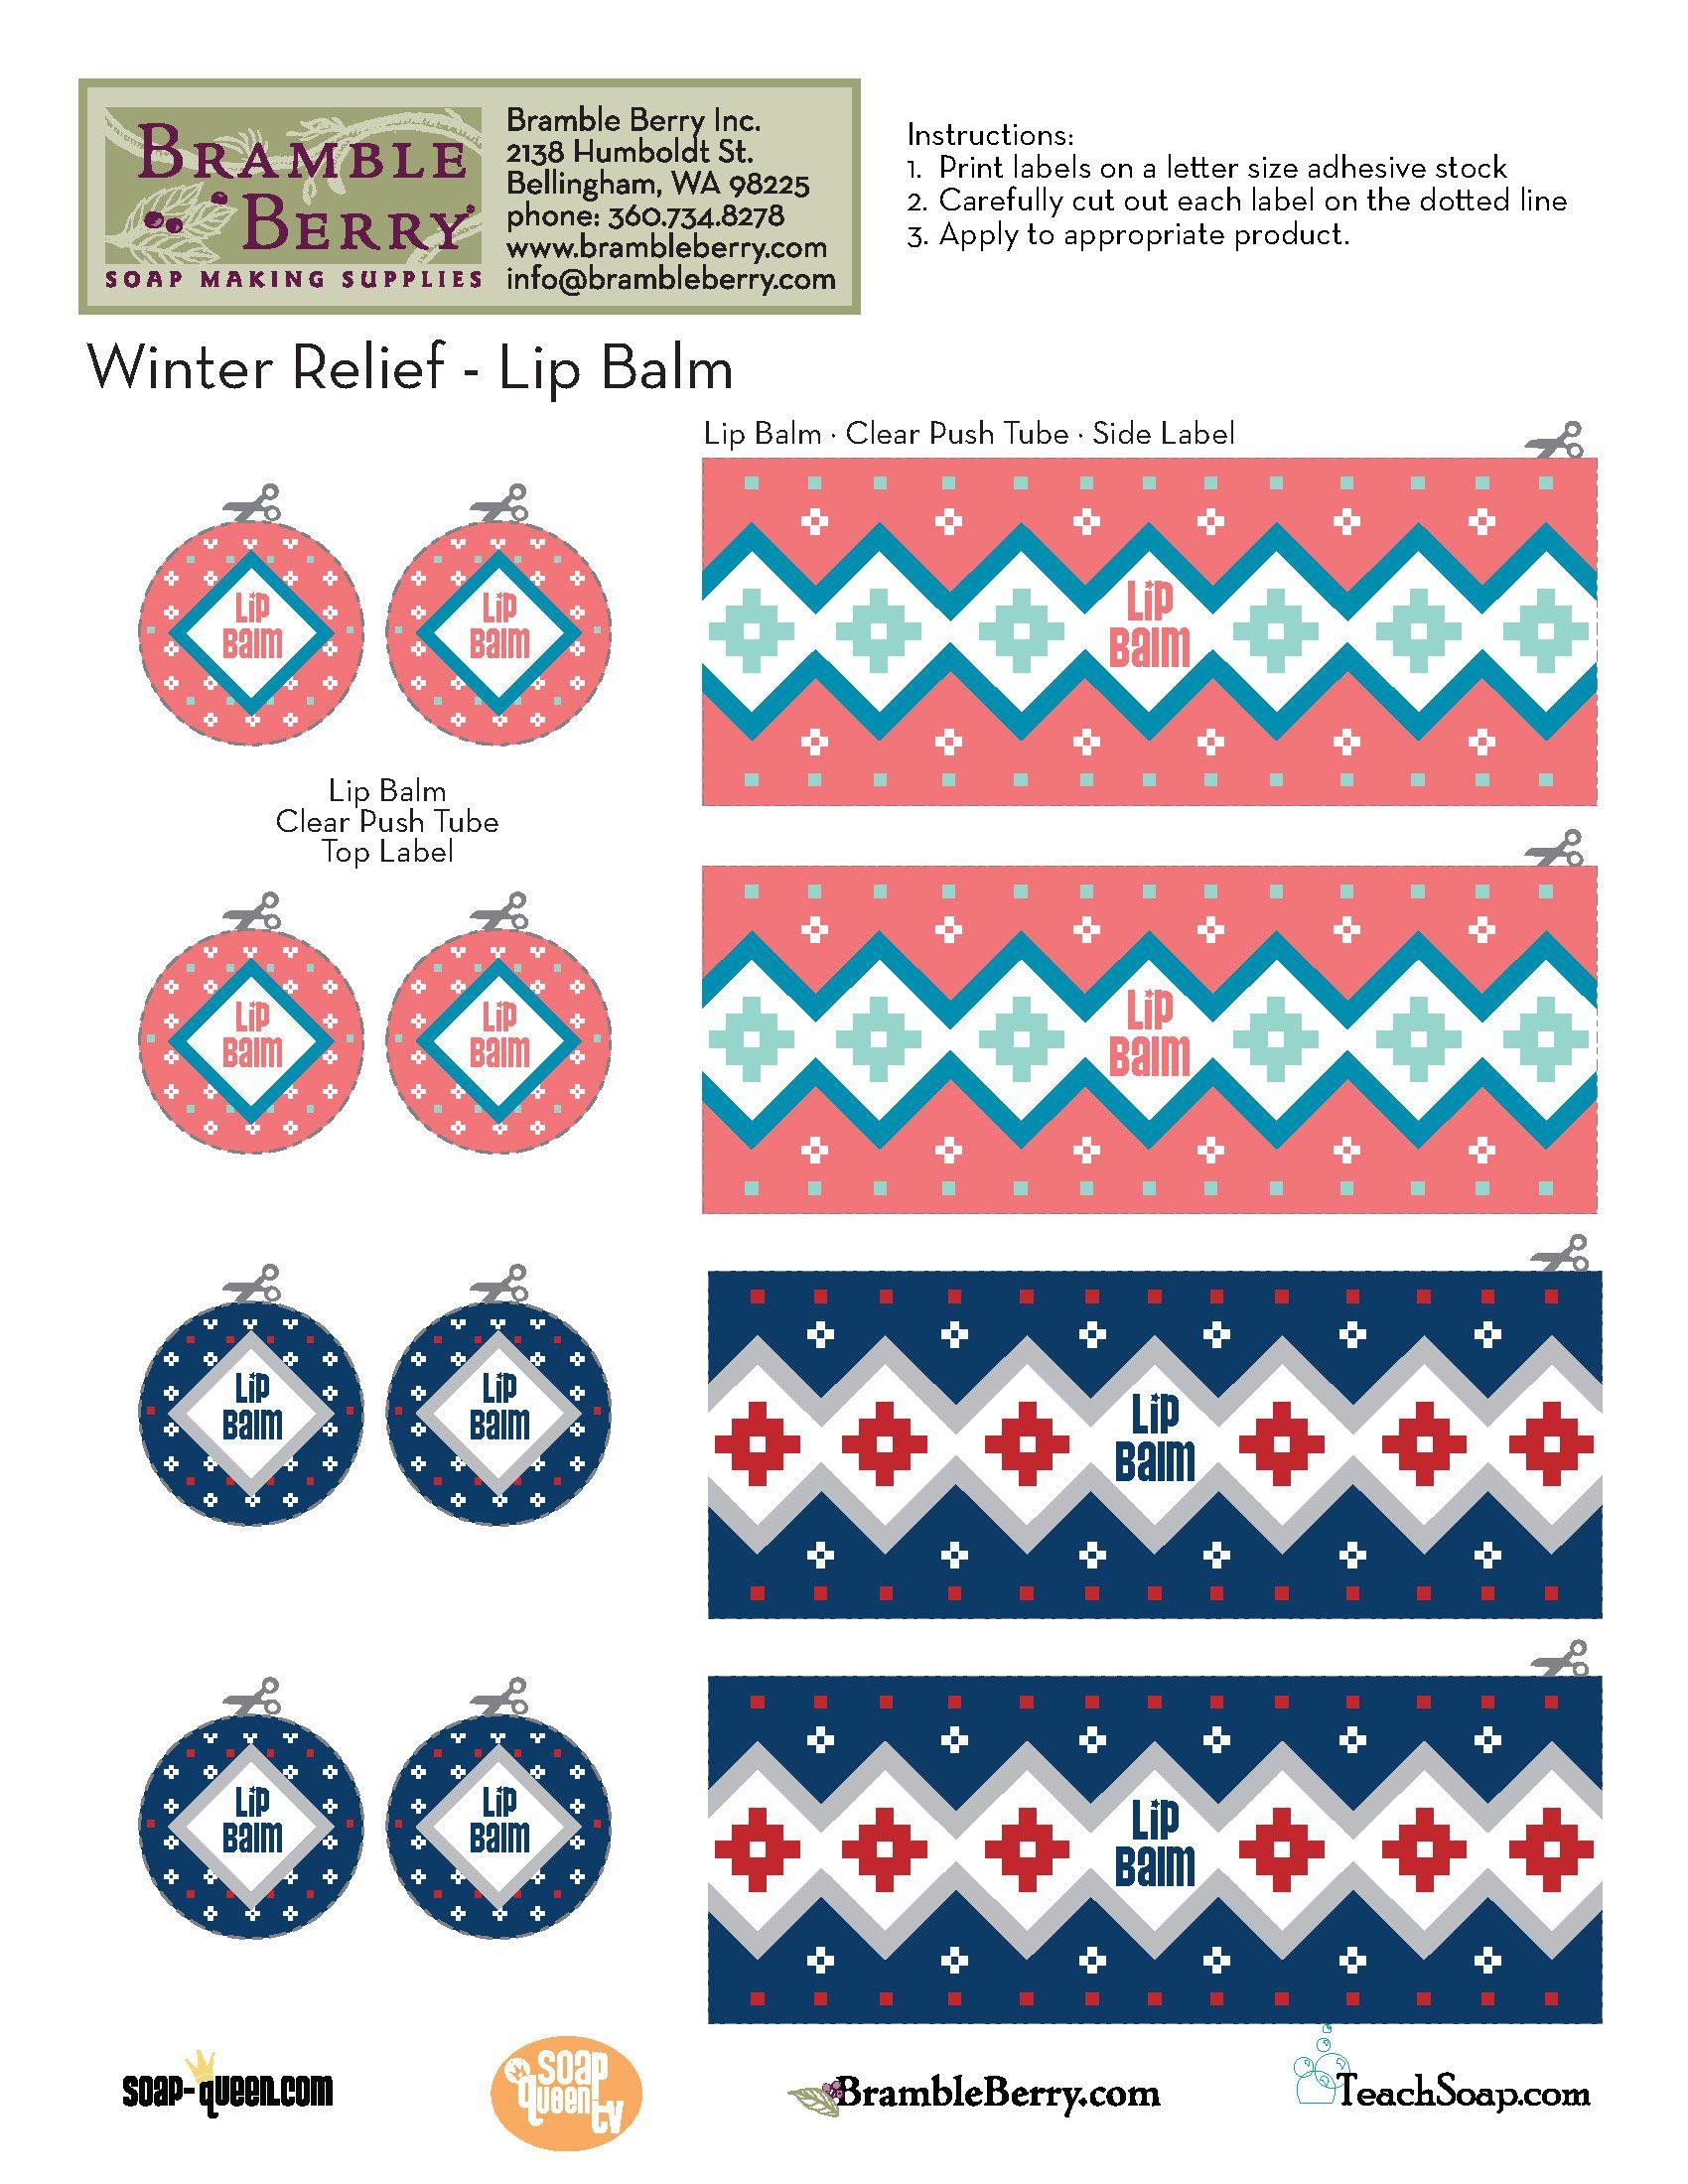 Printed Lip Balm Label Template | Winter Relief Lip Balm Template - Free  Pdf | Bramble Berry® Soap .